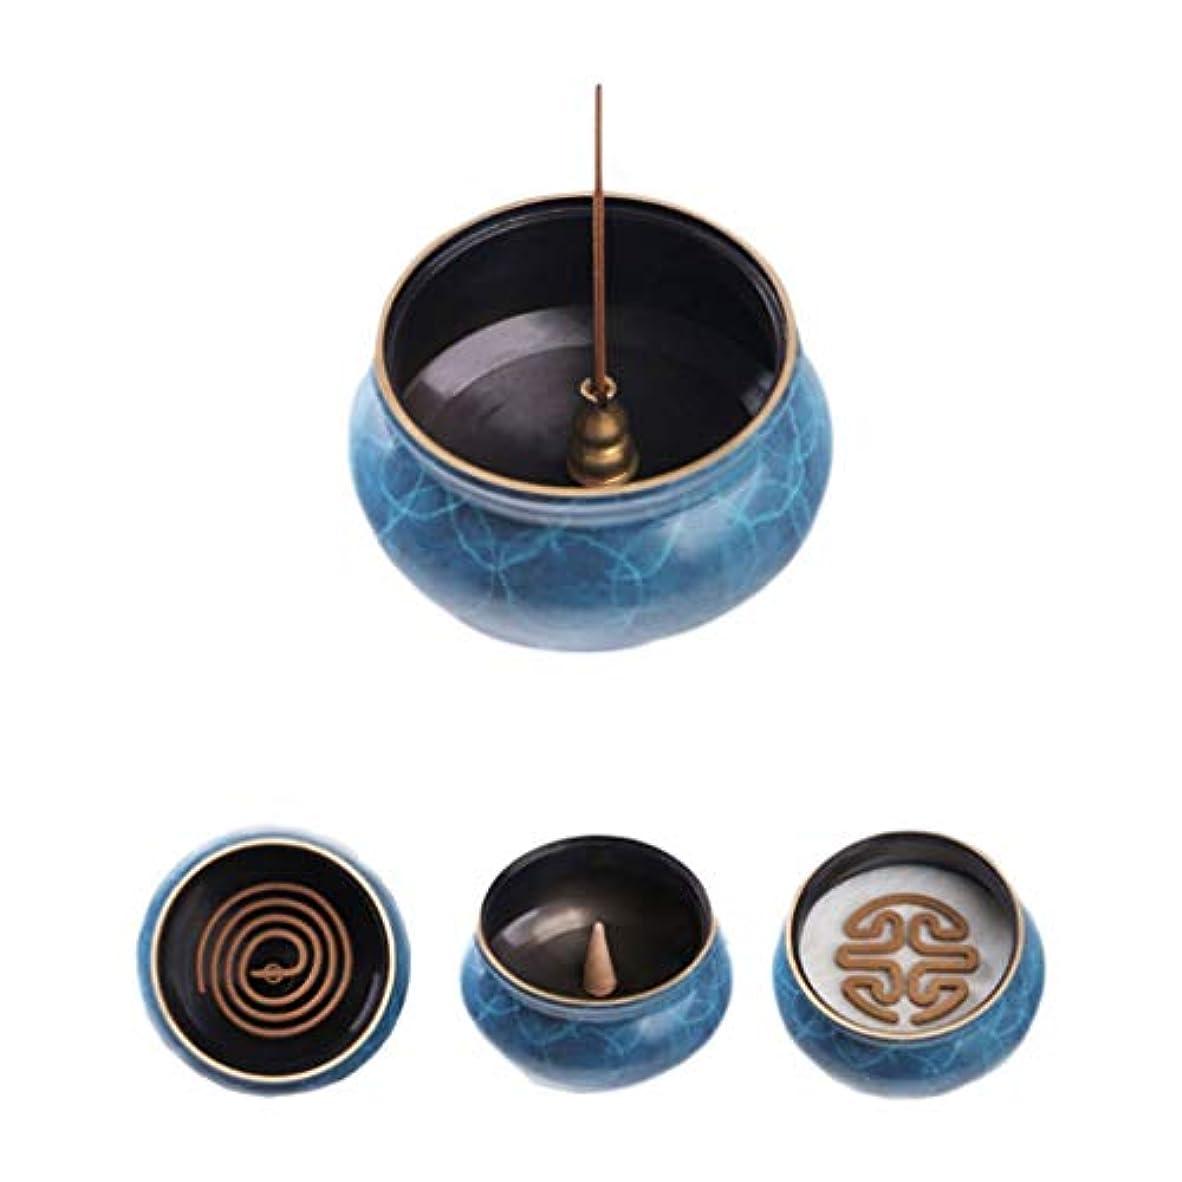 ホップ仕方崇拝しますホームアロマバーナー 純粋な銅香炉ホームアンティーク白檀用仏寒天香炉香り装飾アロマセラピー炉 アロマバーナー (Color : Blue copper)